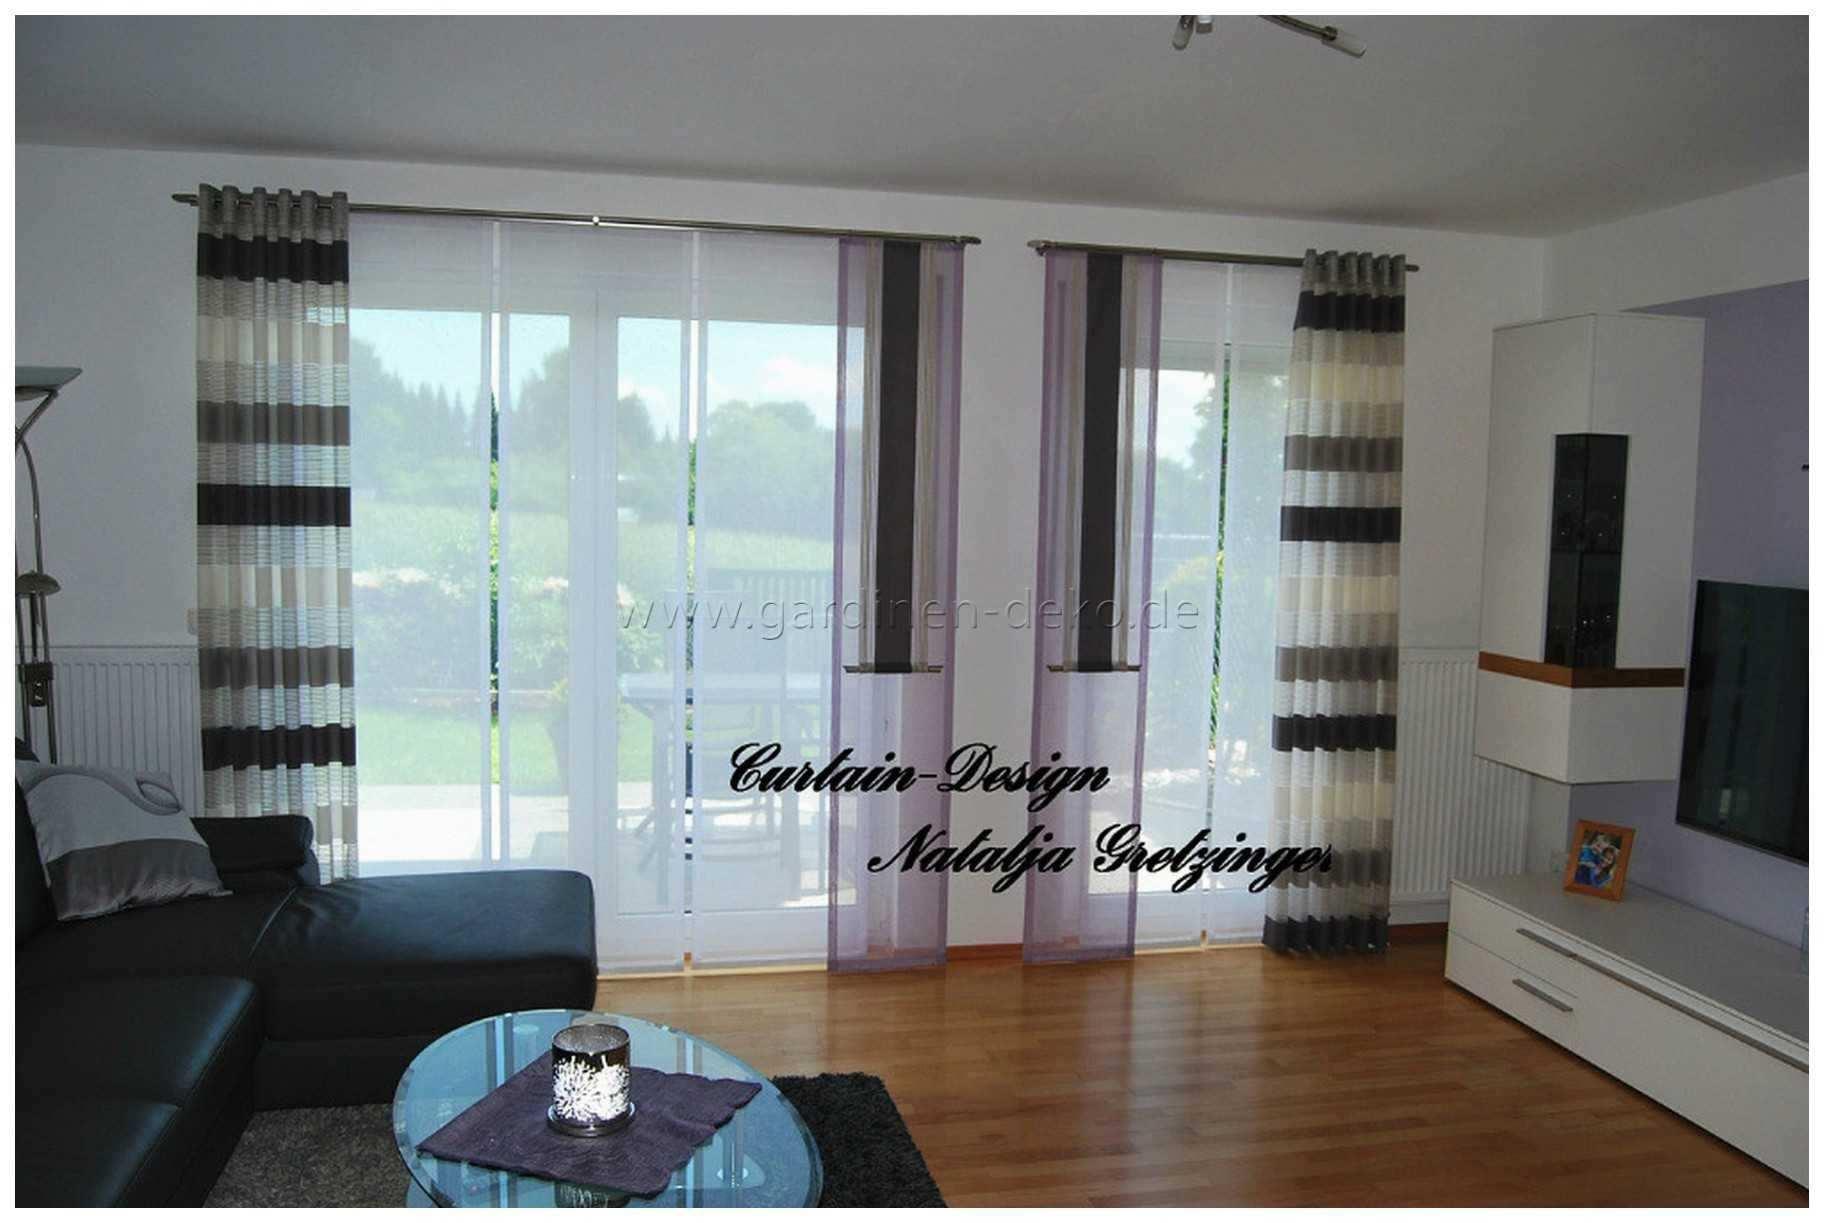 Full Size of Gardinen Schlafzimmer Für Küche Die Wohnzimmer Scheibengardinen Fenster Bogenlampe Esstisch Wohnzimmer Bogen Gardinen